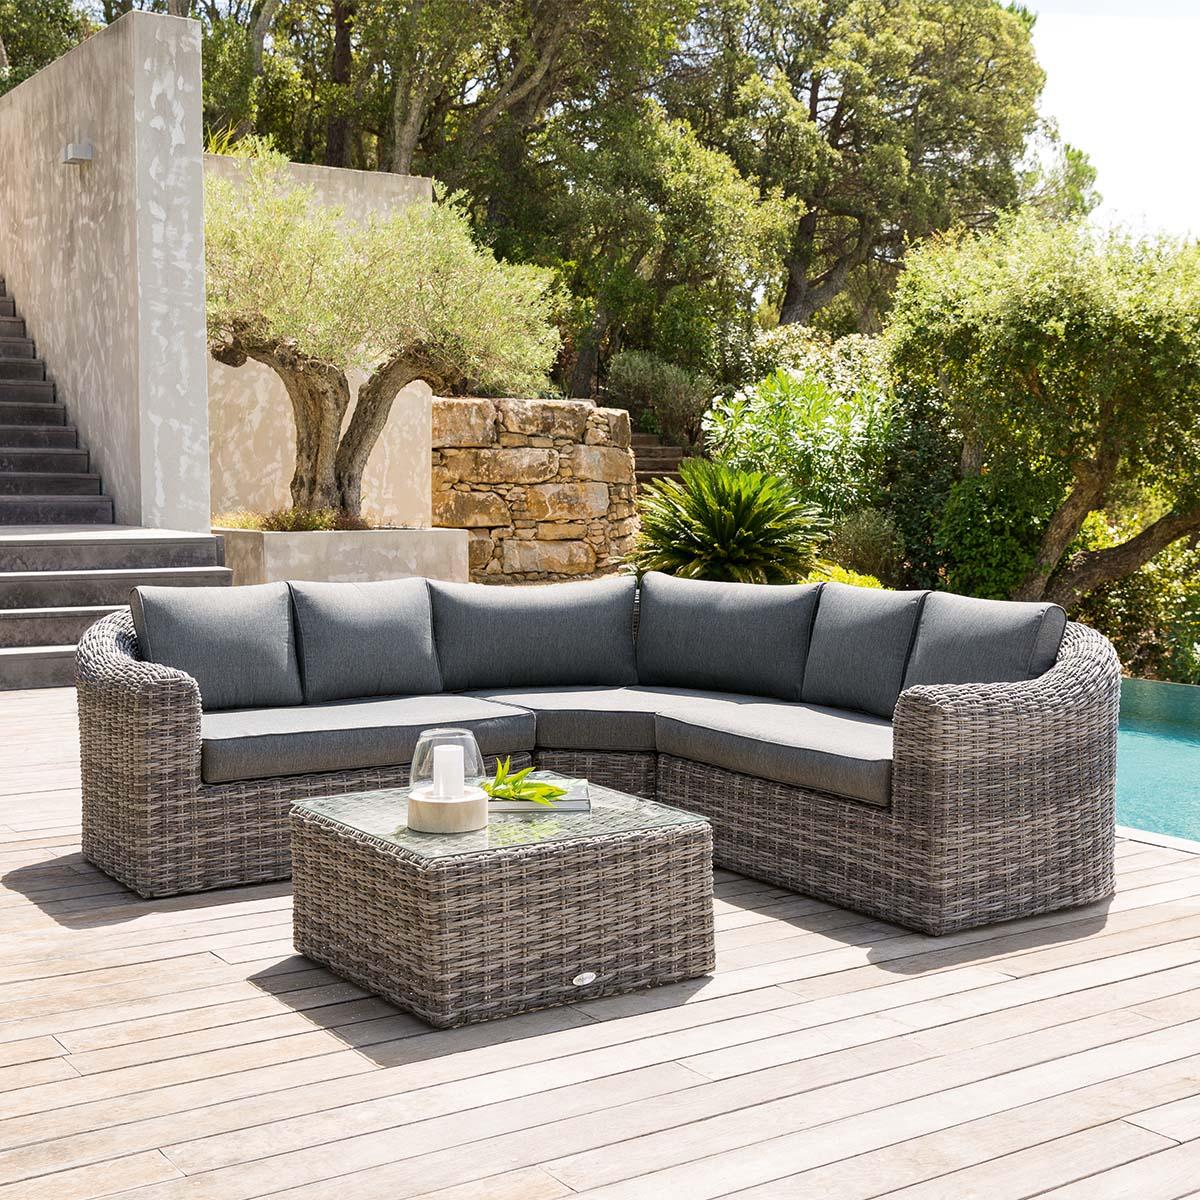 Salon d'angle de jardin Mooréa Terre d'ombre 5 places - Aluminium traité époxy, Résine tressée, Polyester - Hespéride terre d'ombre